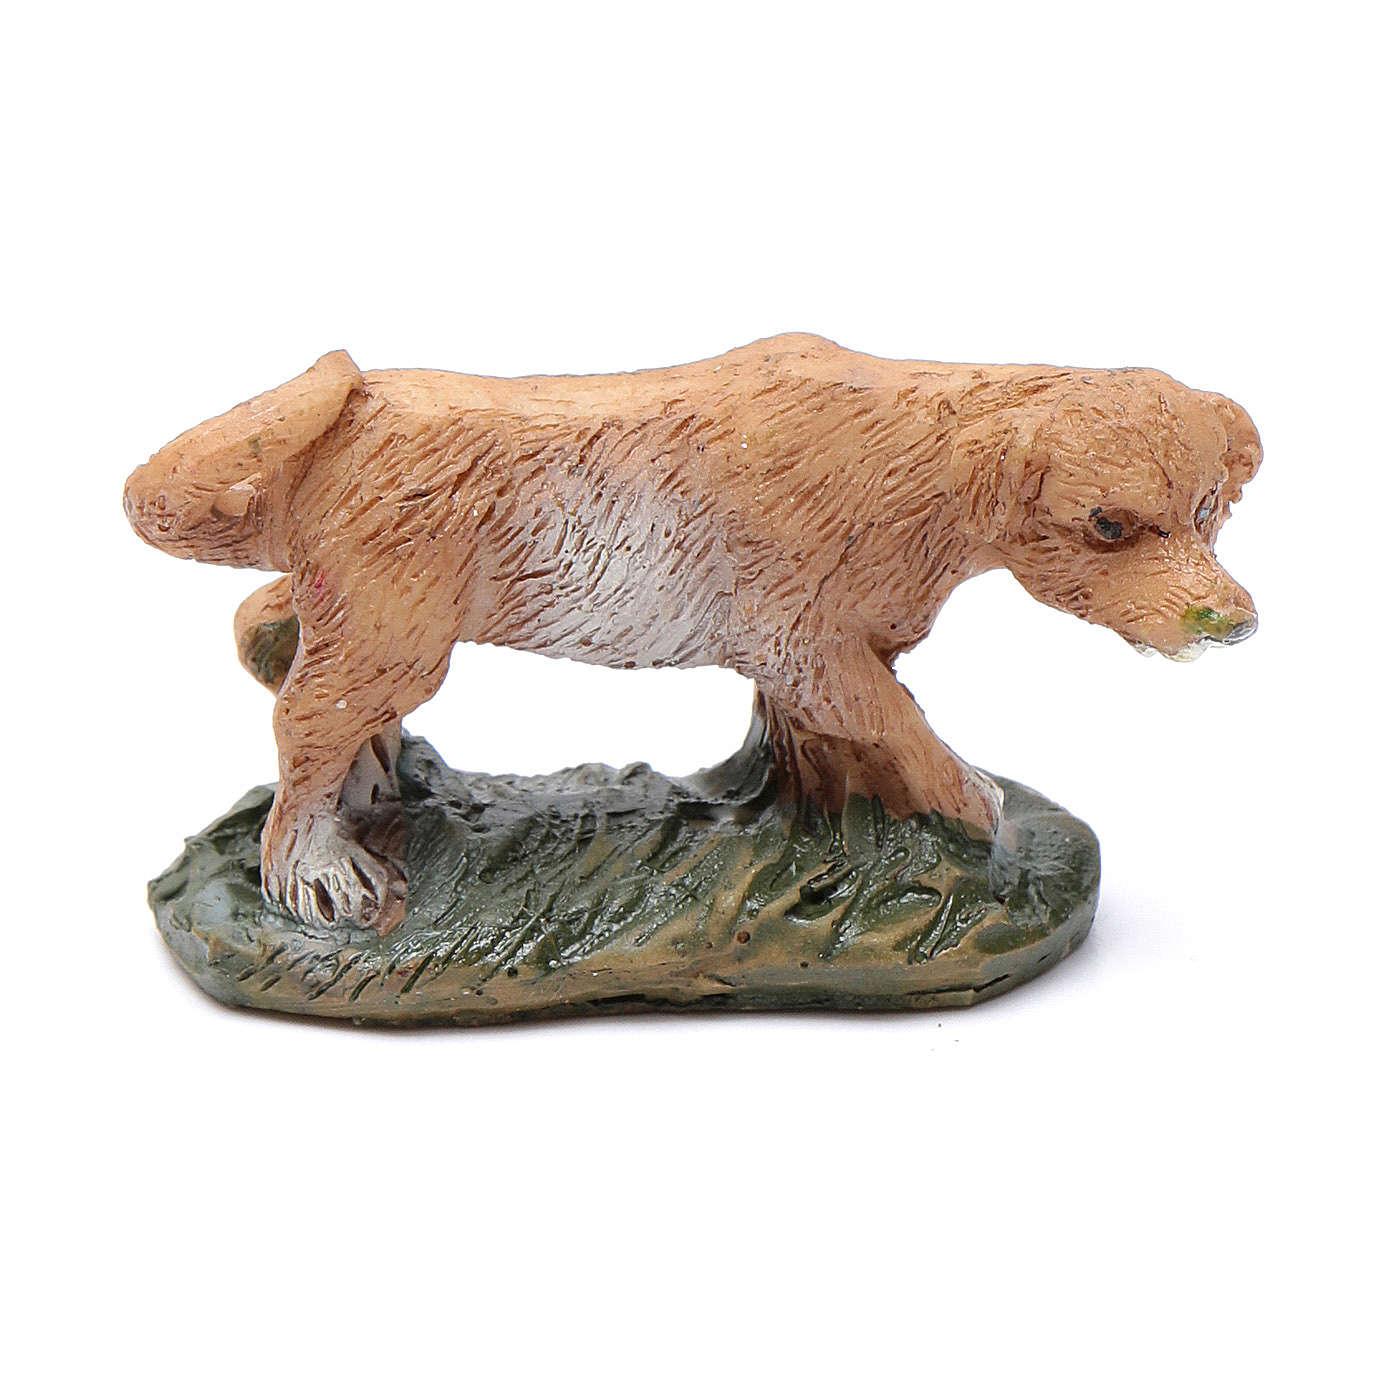 Cane in resina per presepe 10 cm 3